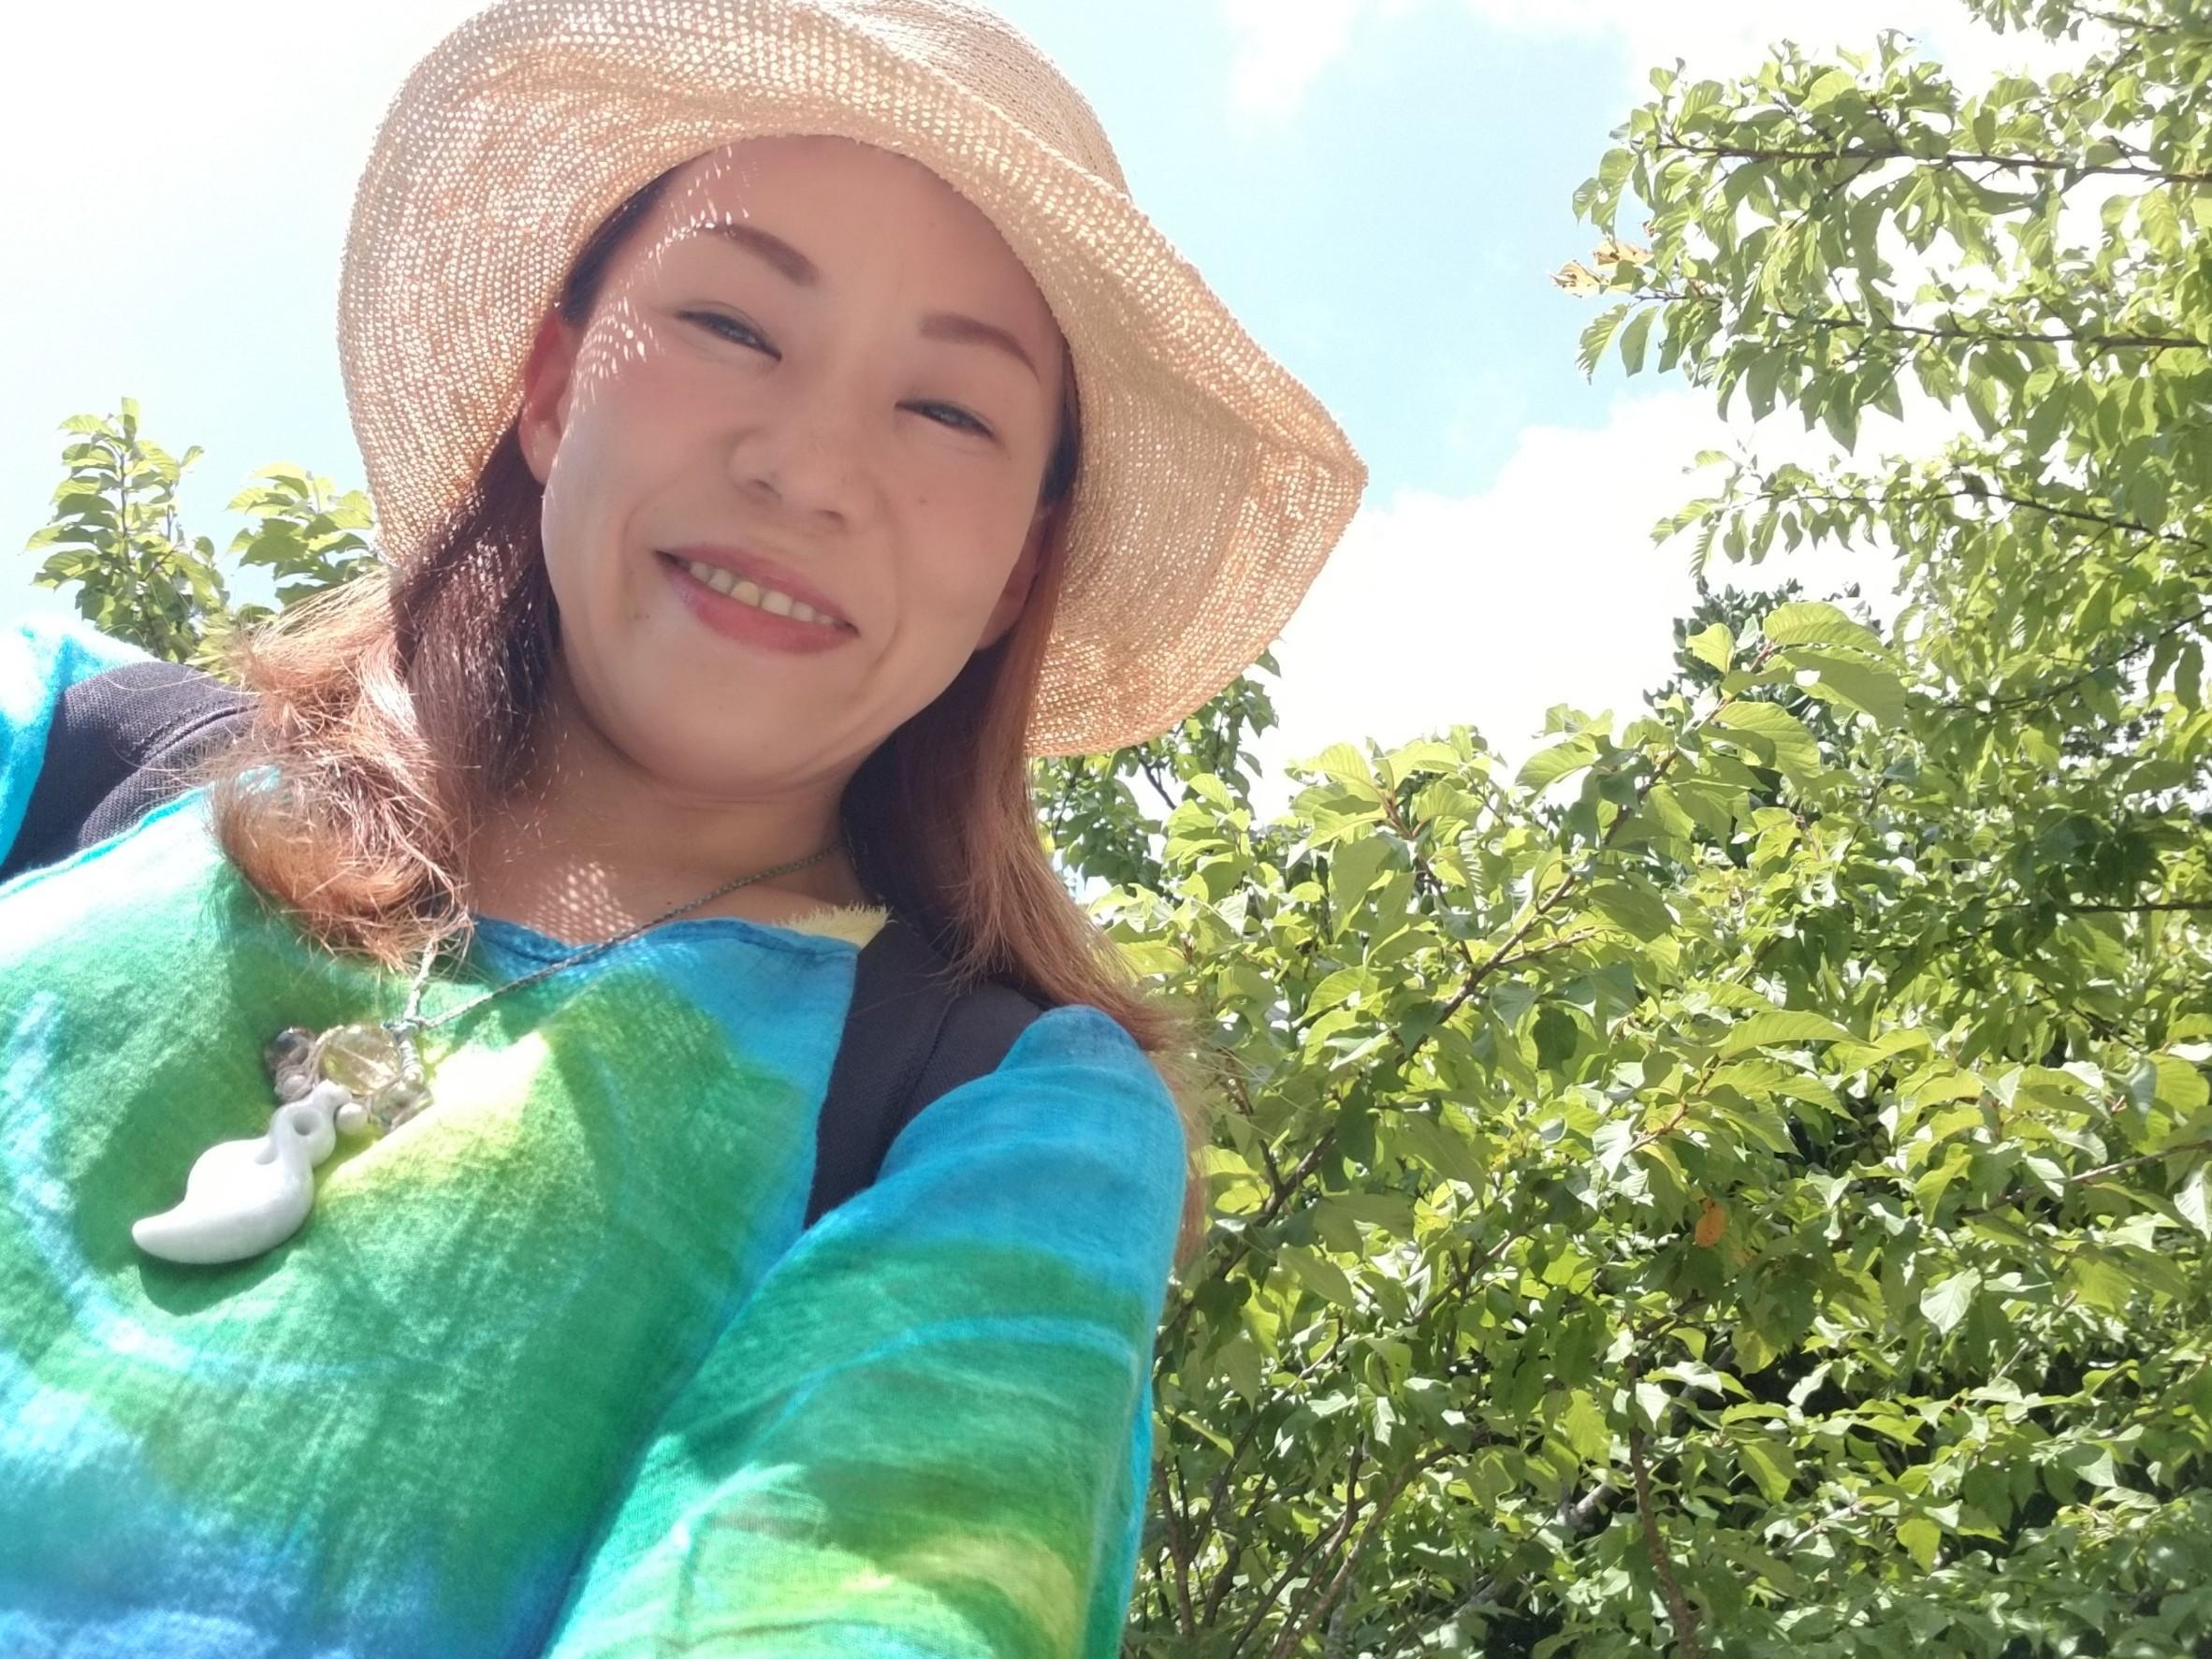 【佐賀 唐津】  幸福に満たされる自分づくり・安らぎと癒しを与えるヒーリングセラピスト養成:野﨑エミカ